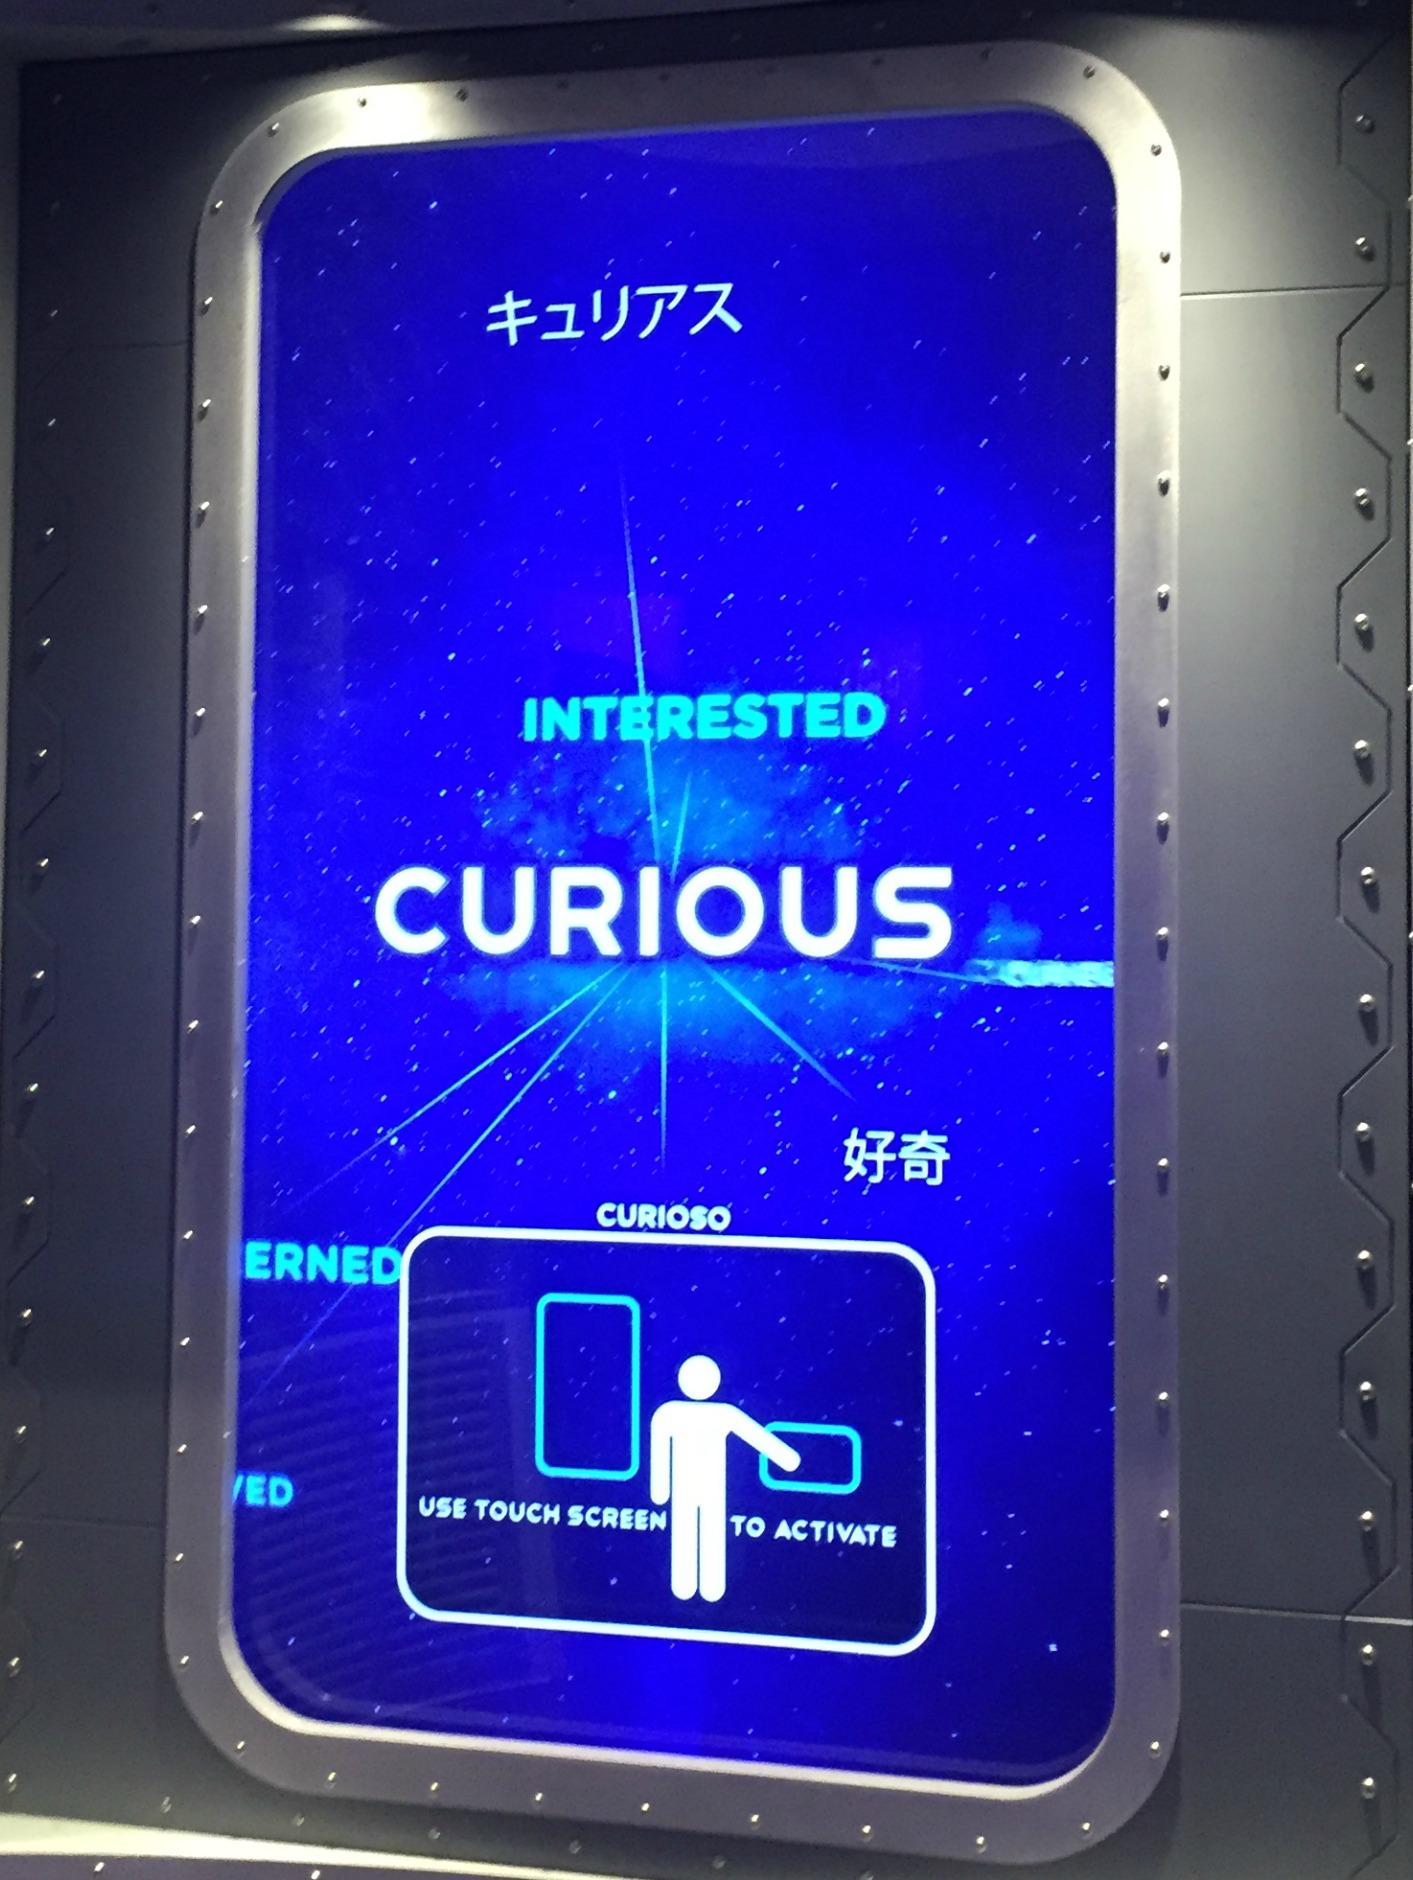 O herói é curioso (Lições da Nasa – Post 3/10)